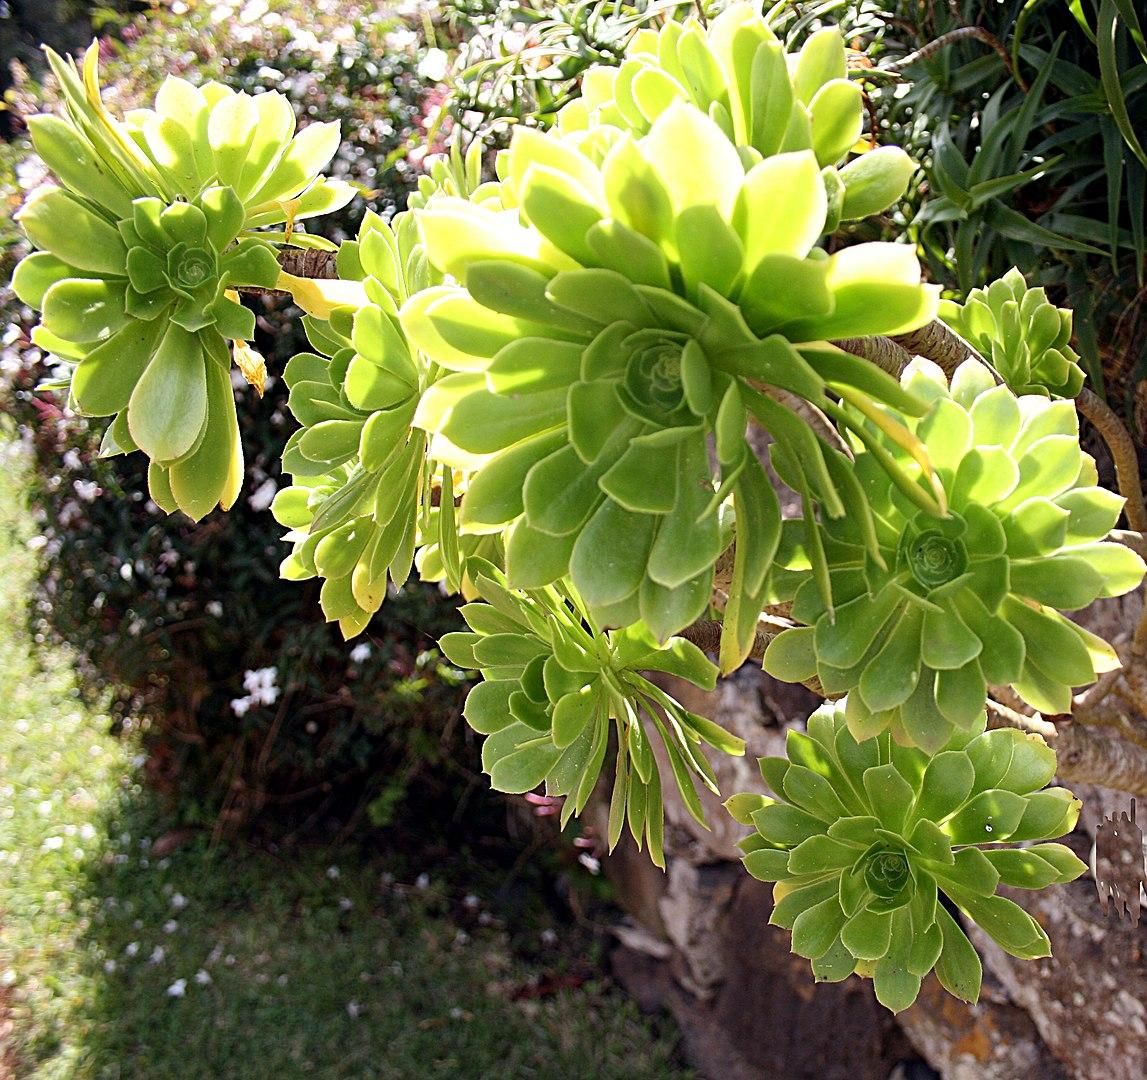 Aeonium piante ornamentali per angoli rocciosi del giardino o per abbellire terrazze e balconi